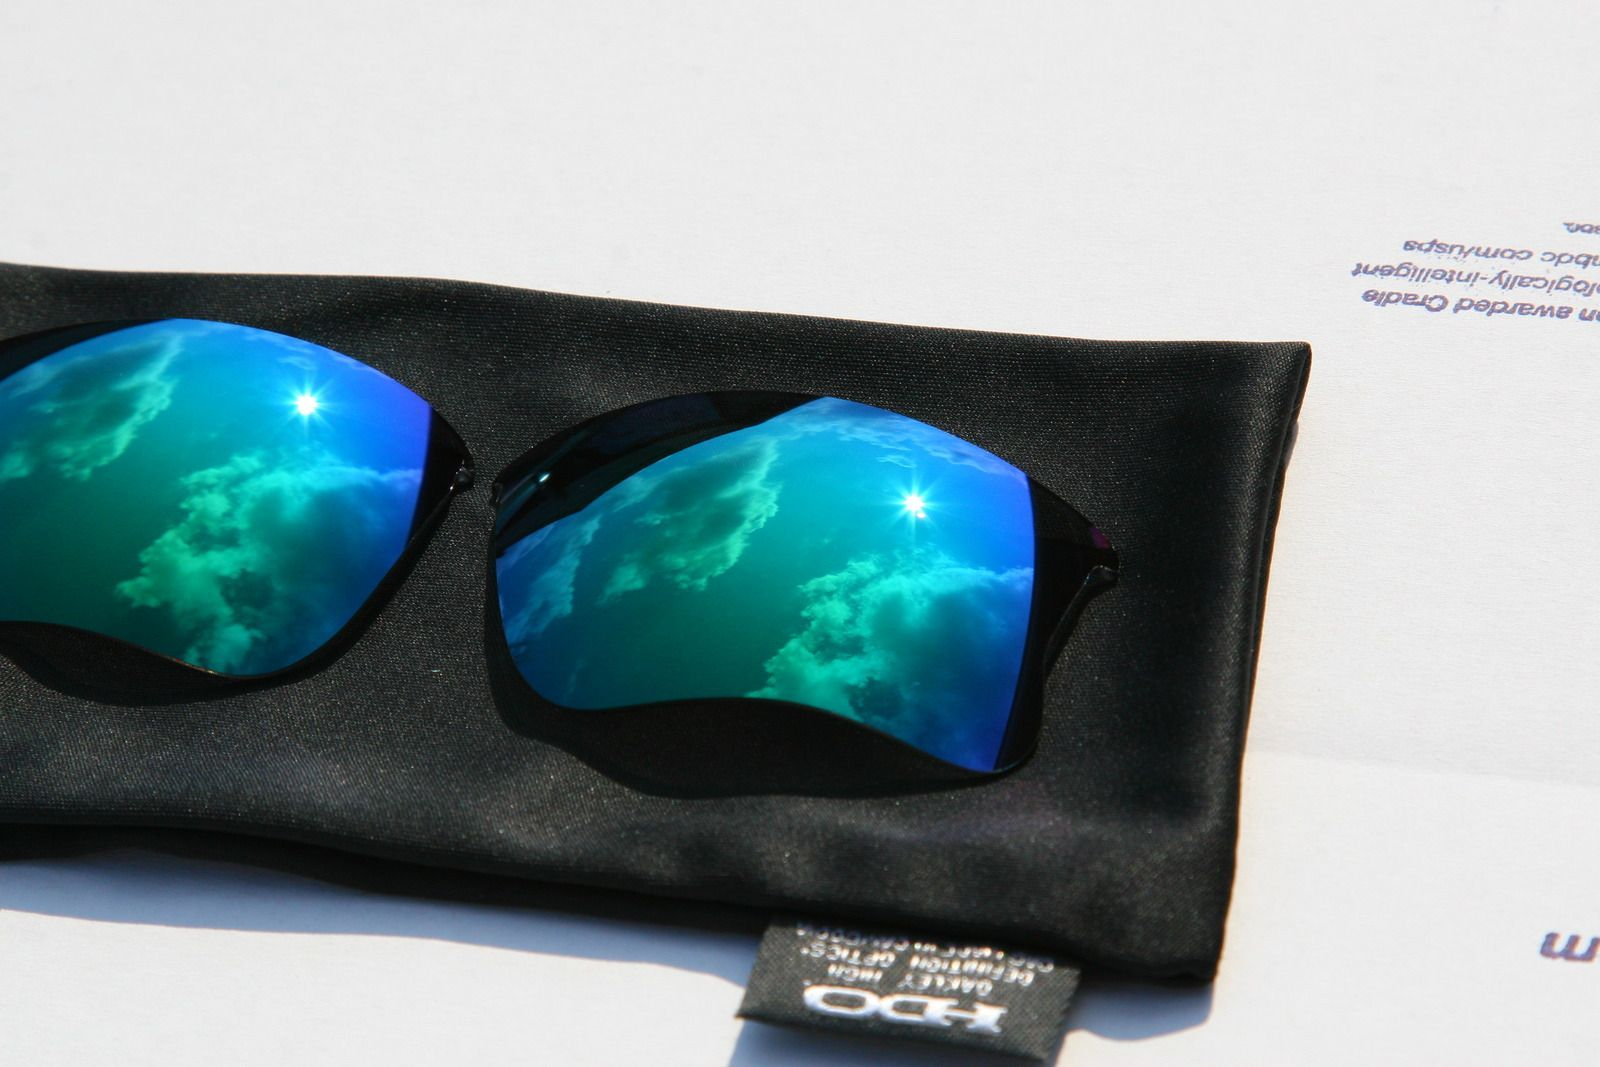 Oakley Flak Jacket Infrared Frame 03-896 And Jade Iridium XLJ Lenses - qgxk.jpg